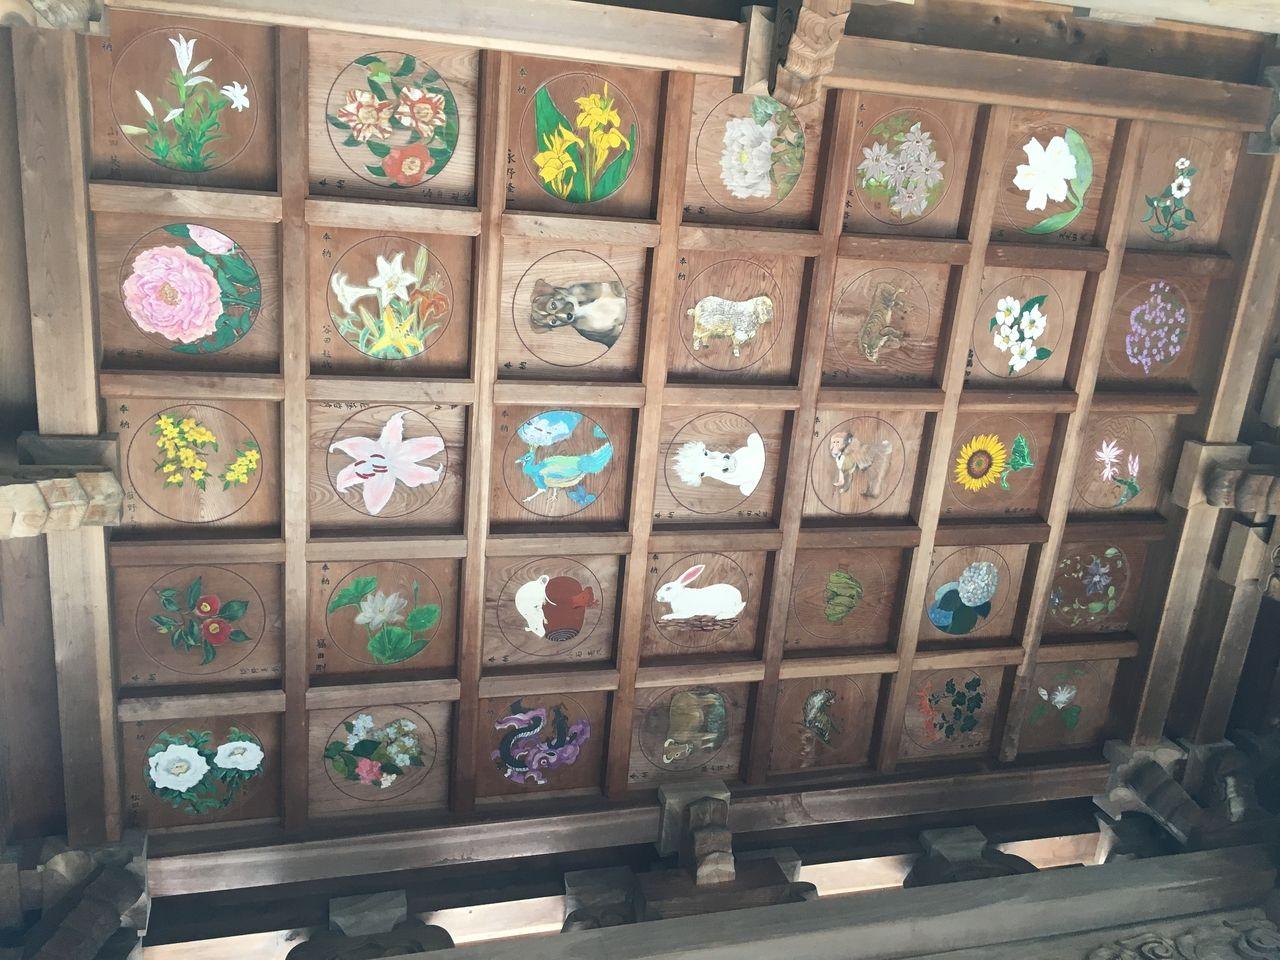 楼門の天井に描かれた色鮮やかな彩色画